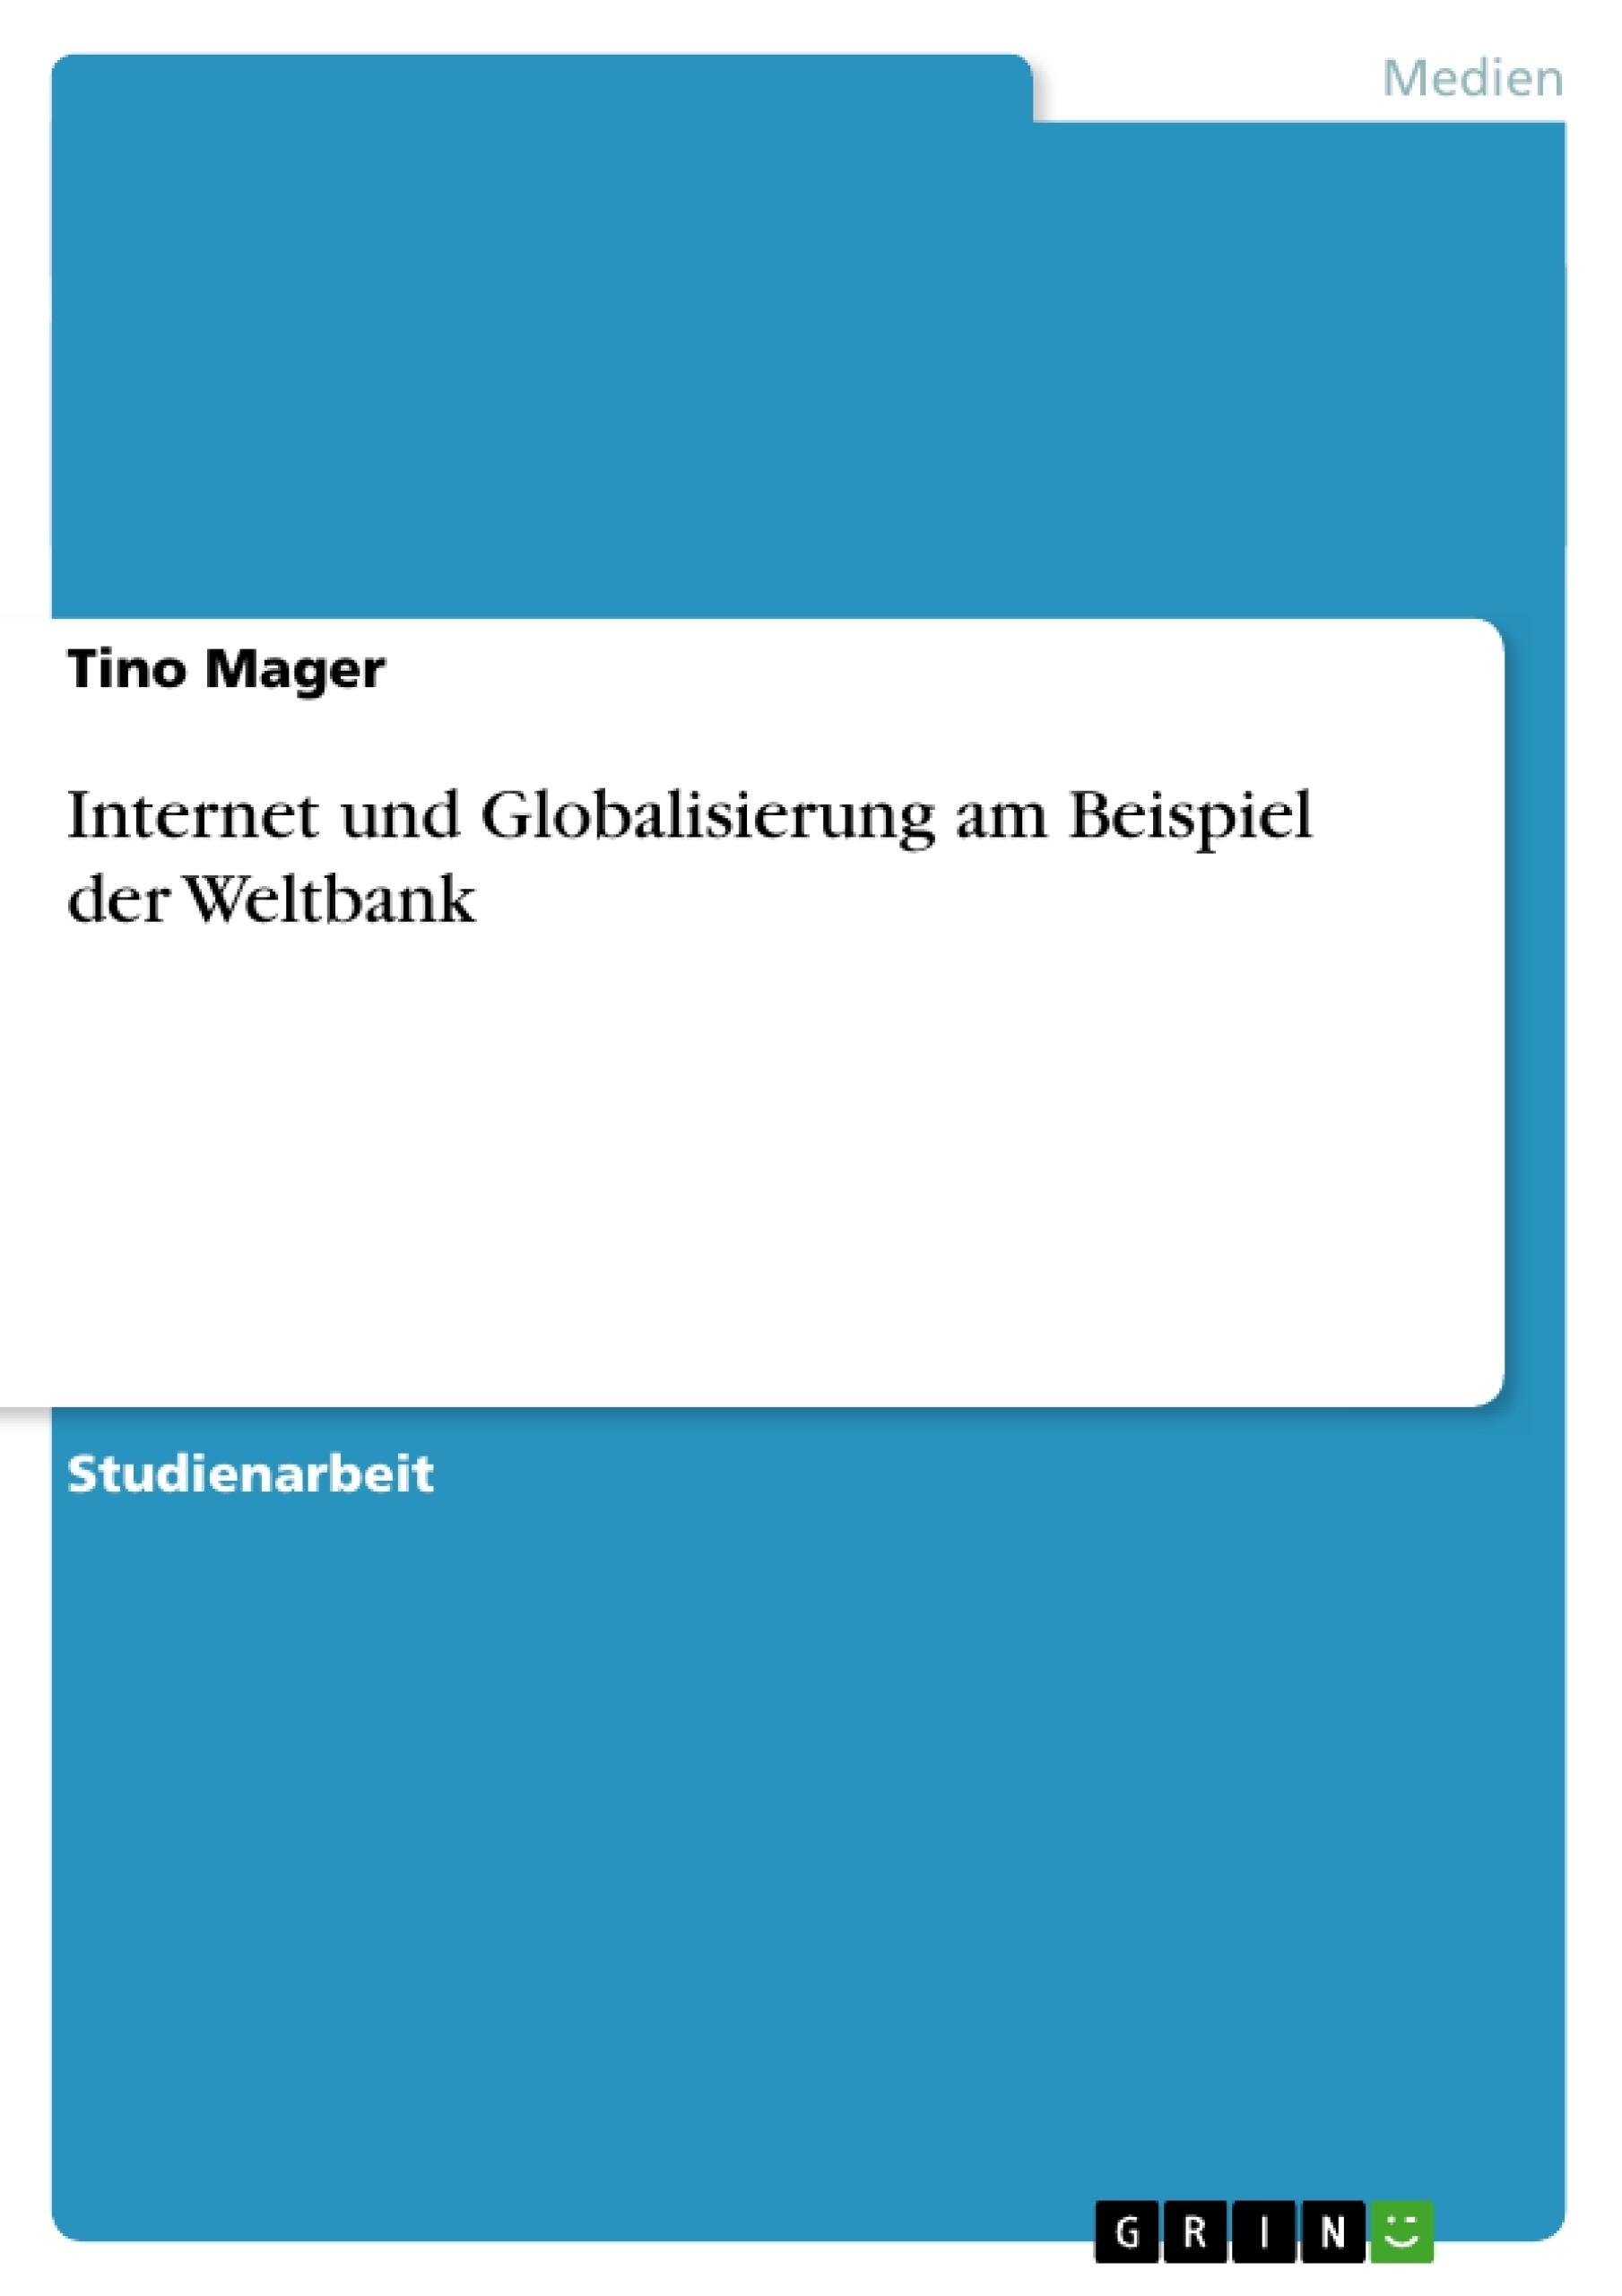 Titel: Internet und Globalisierung am Beispiel der Weltbank